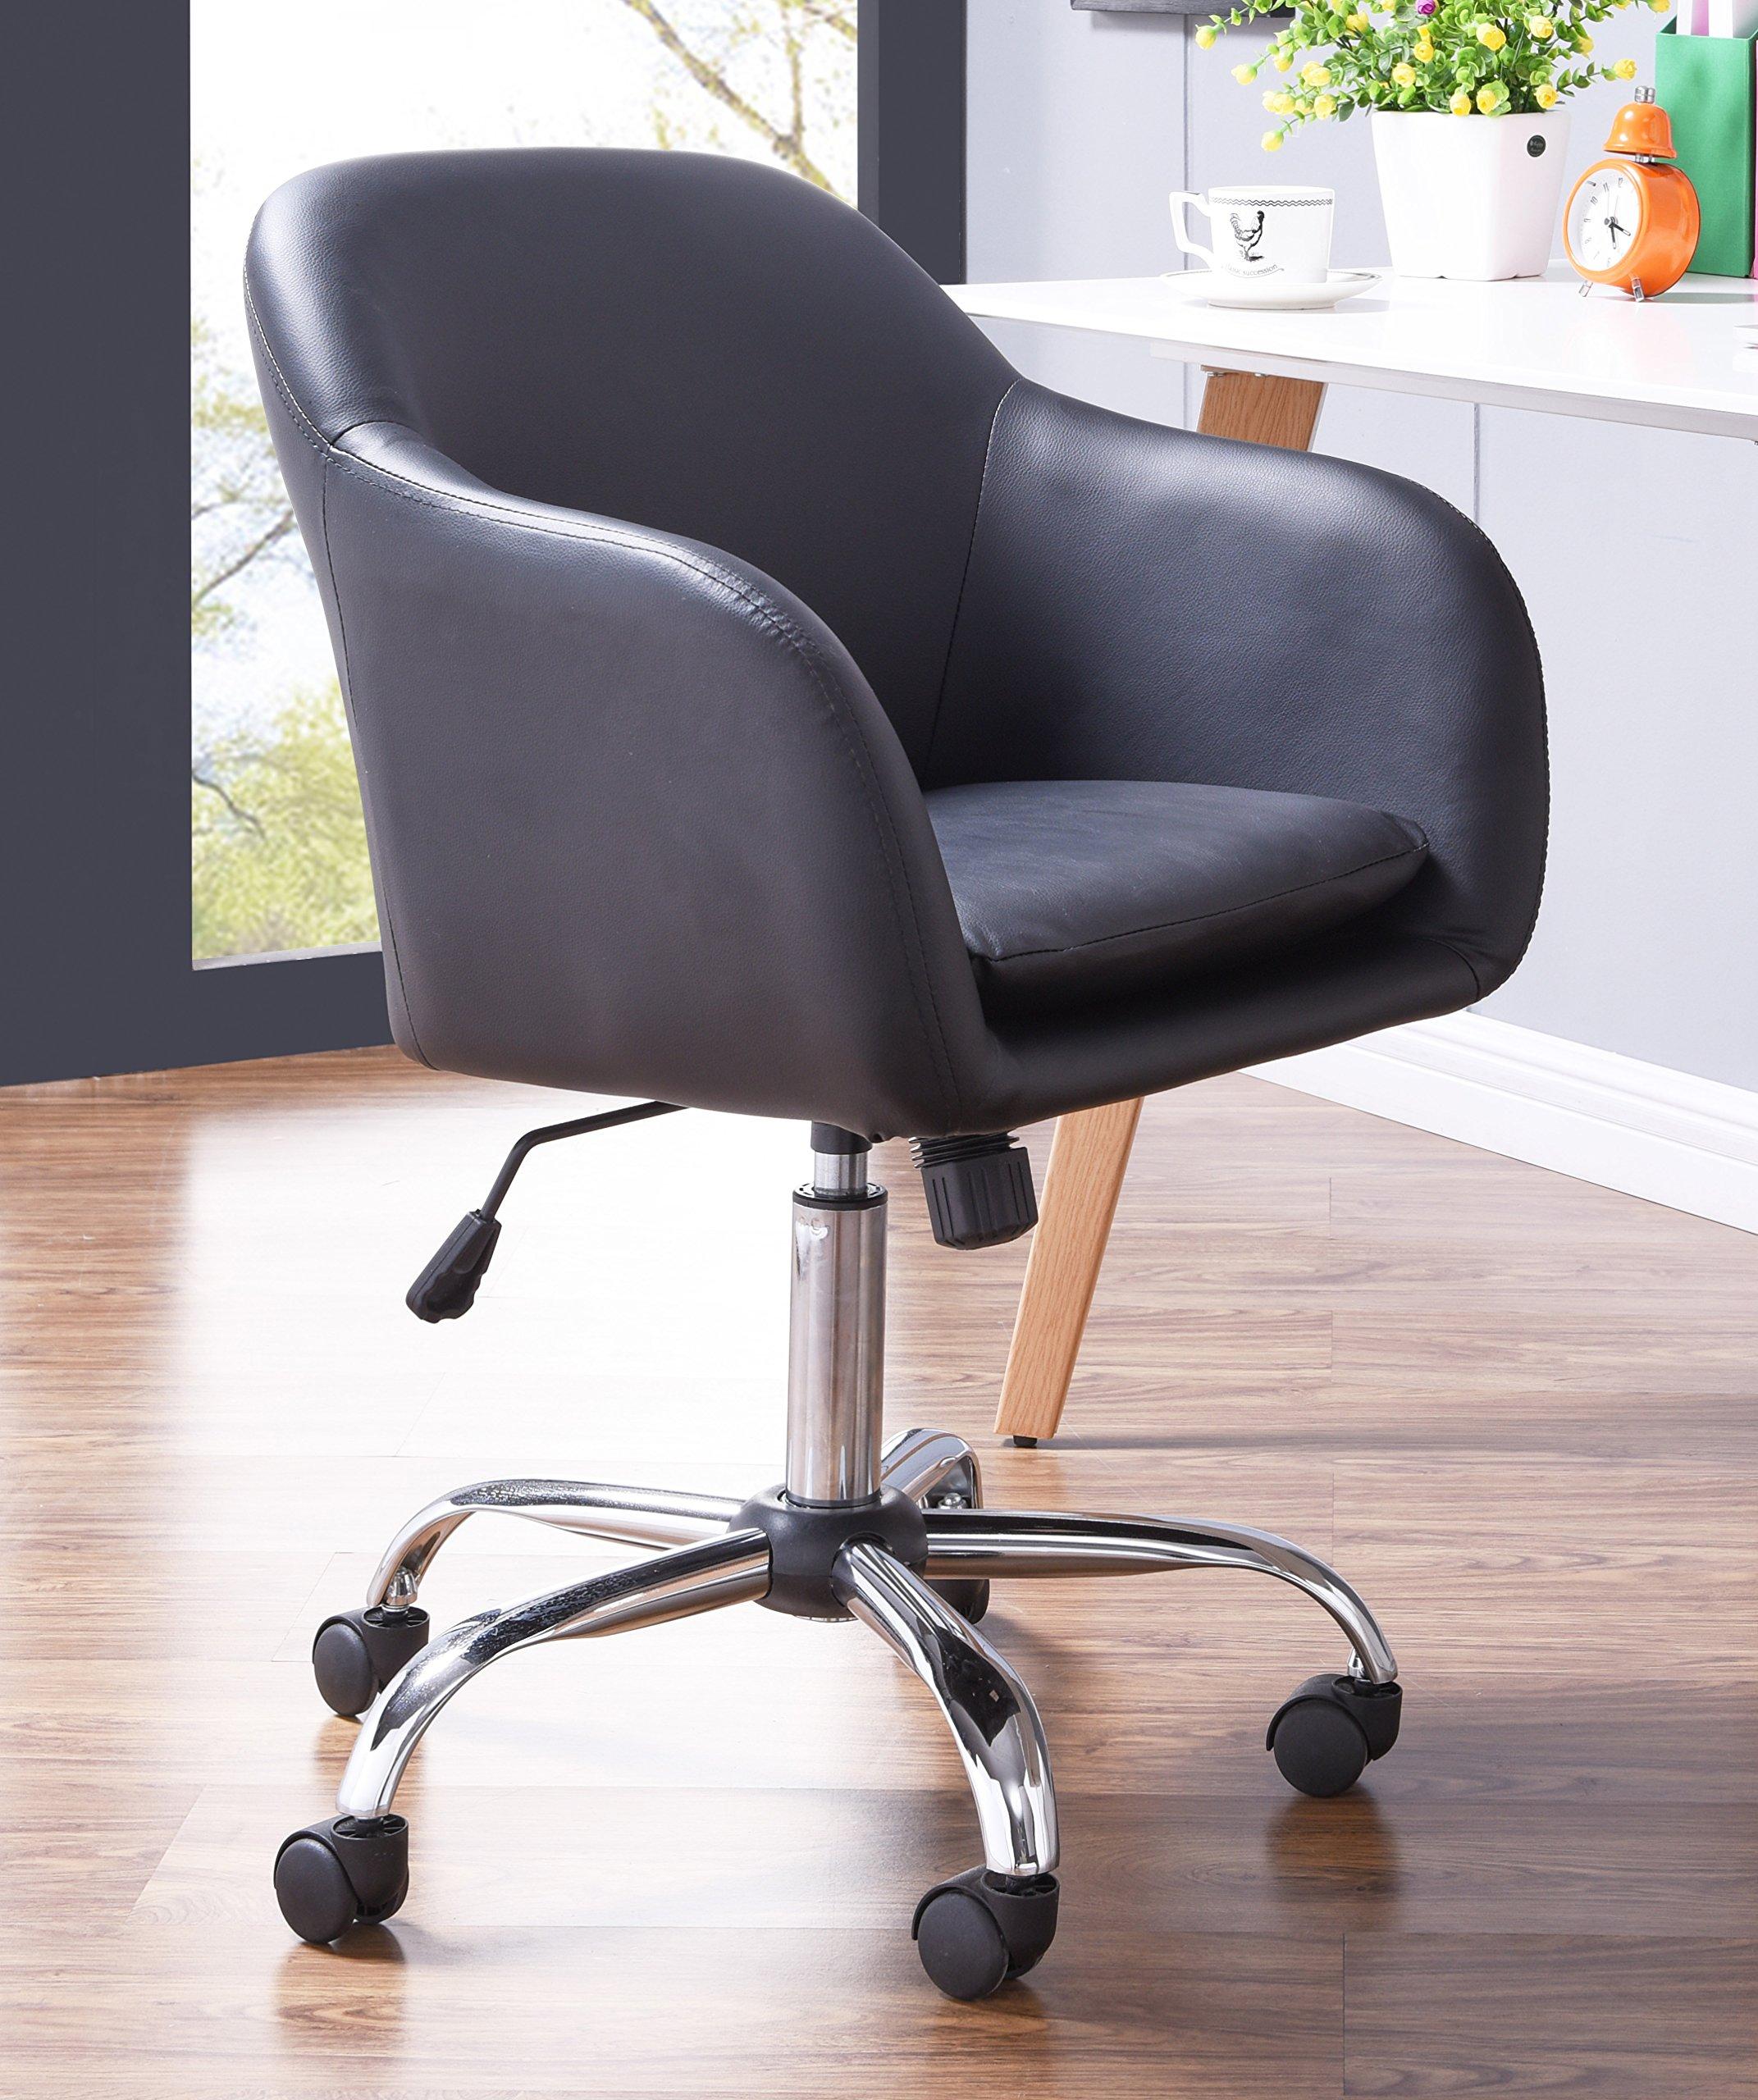 BestOfficeChoice 18638-BK Faux Leather Office Desk Chair, Low Back, Black